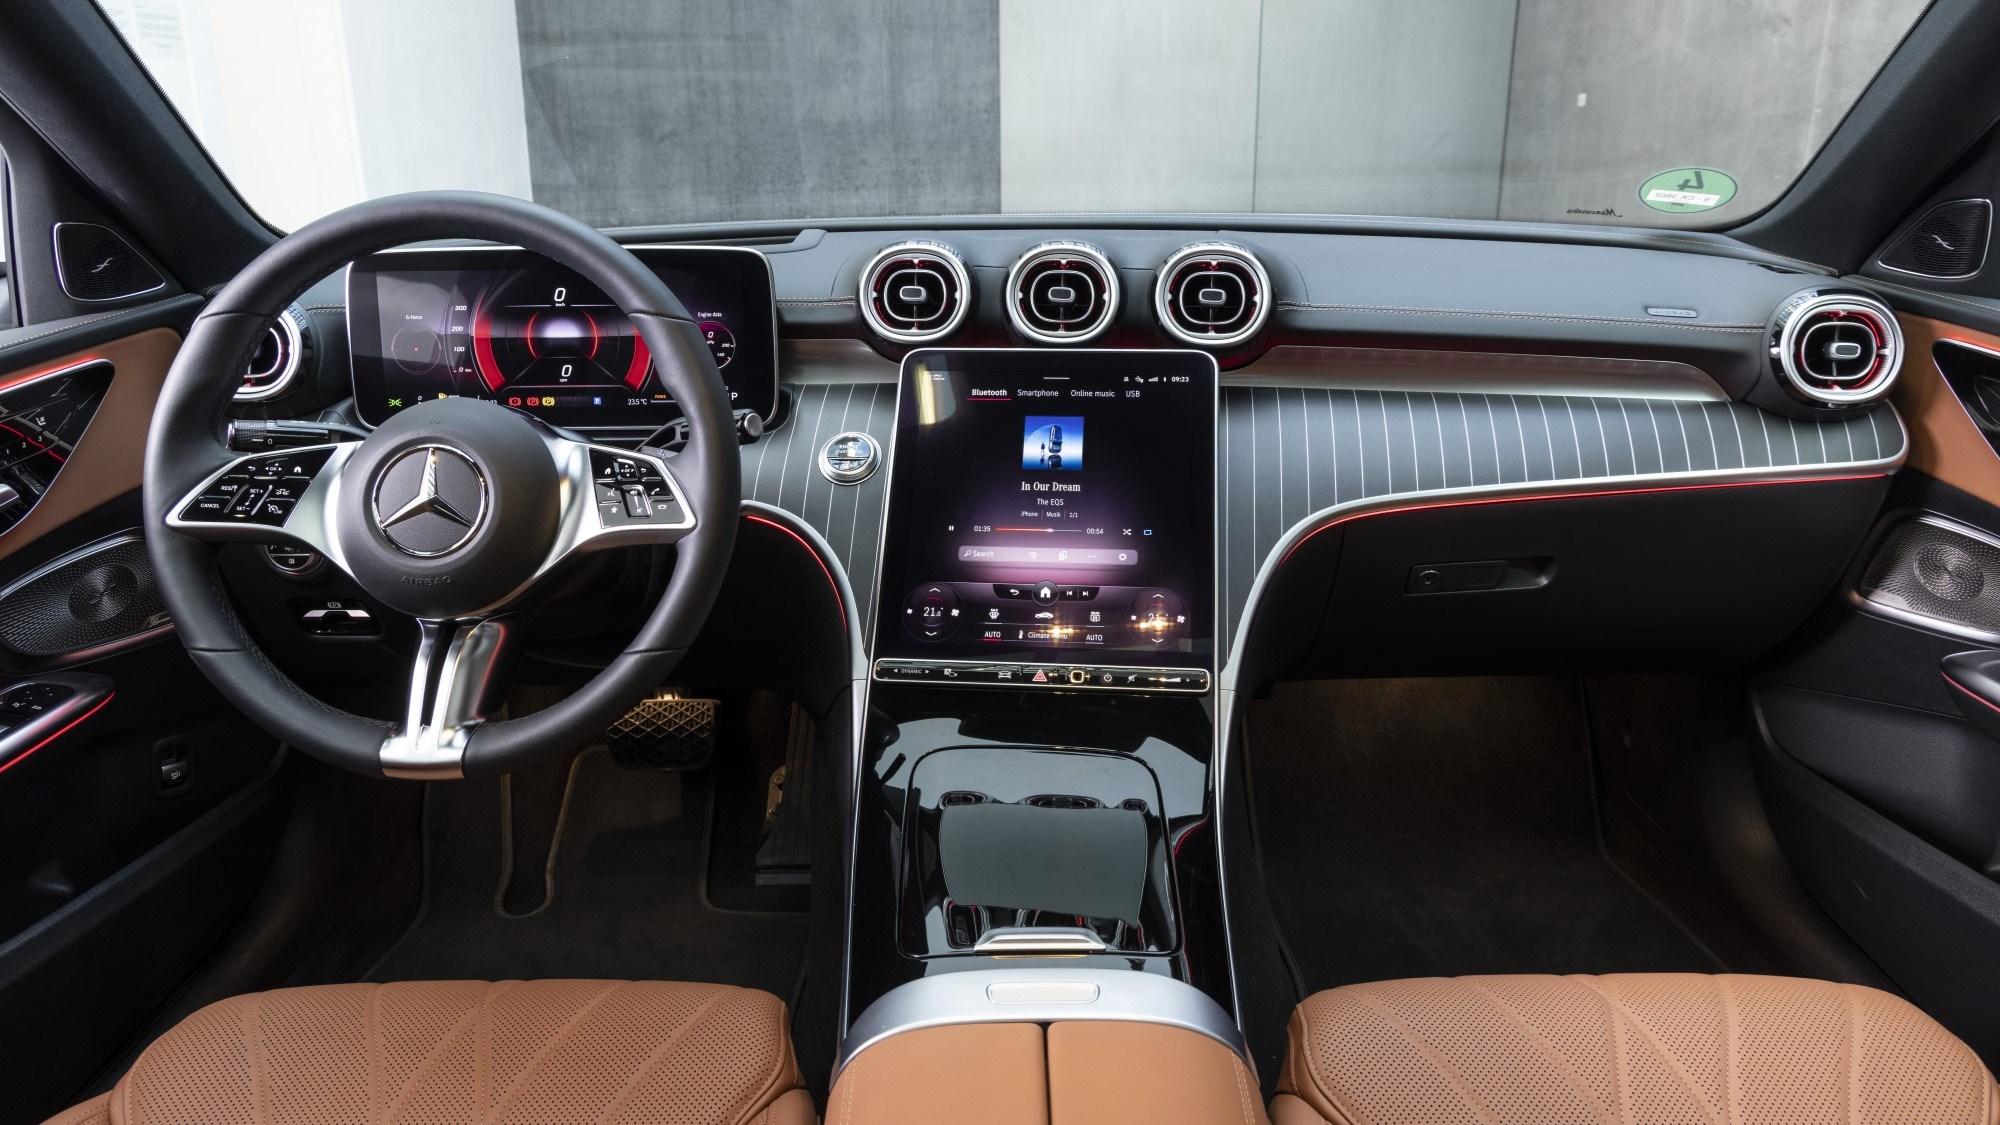 2021 Mercedes-Benz C-Class interior